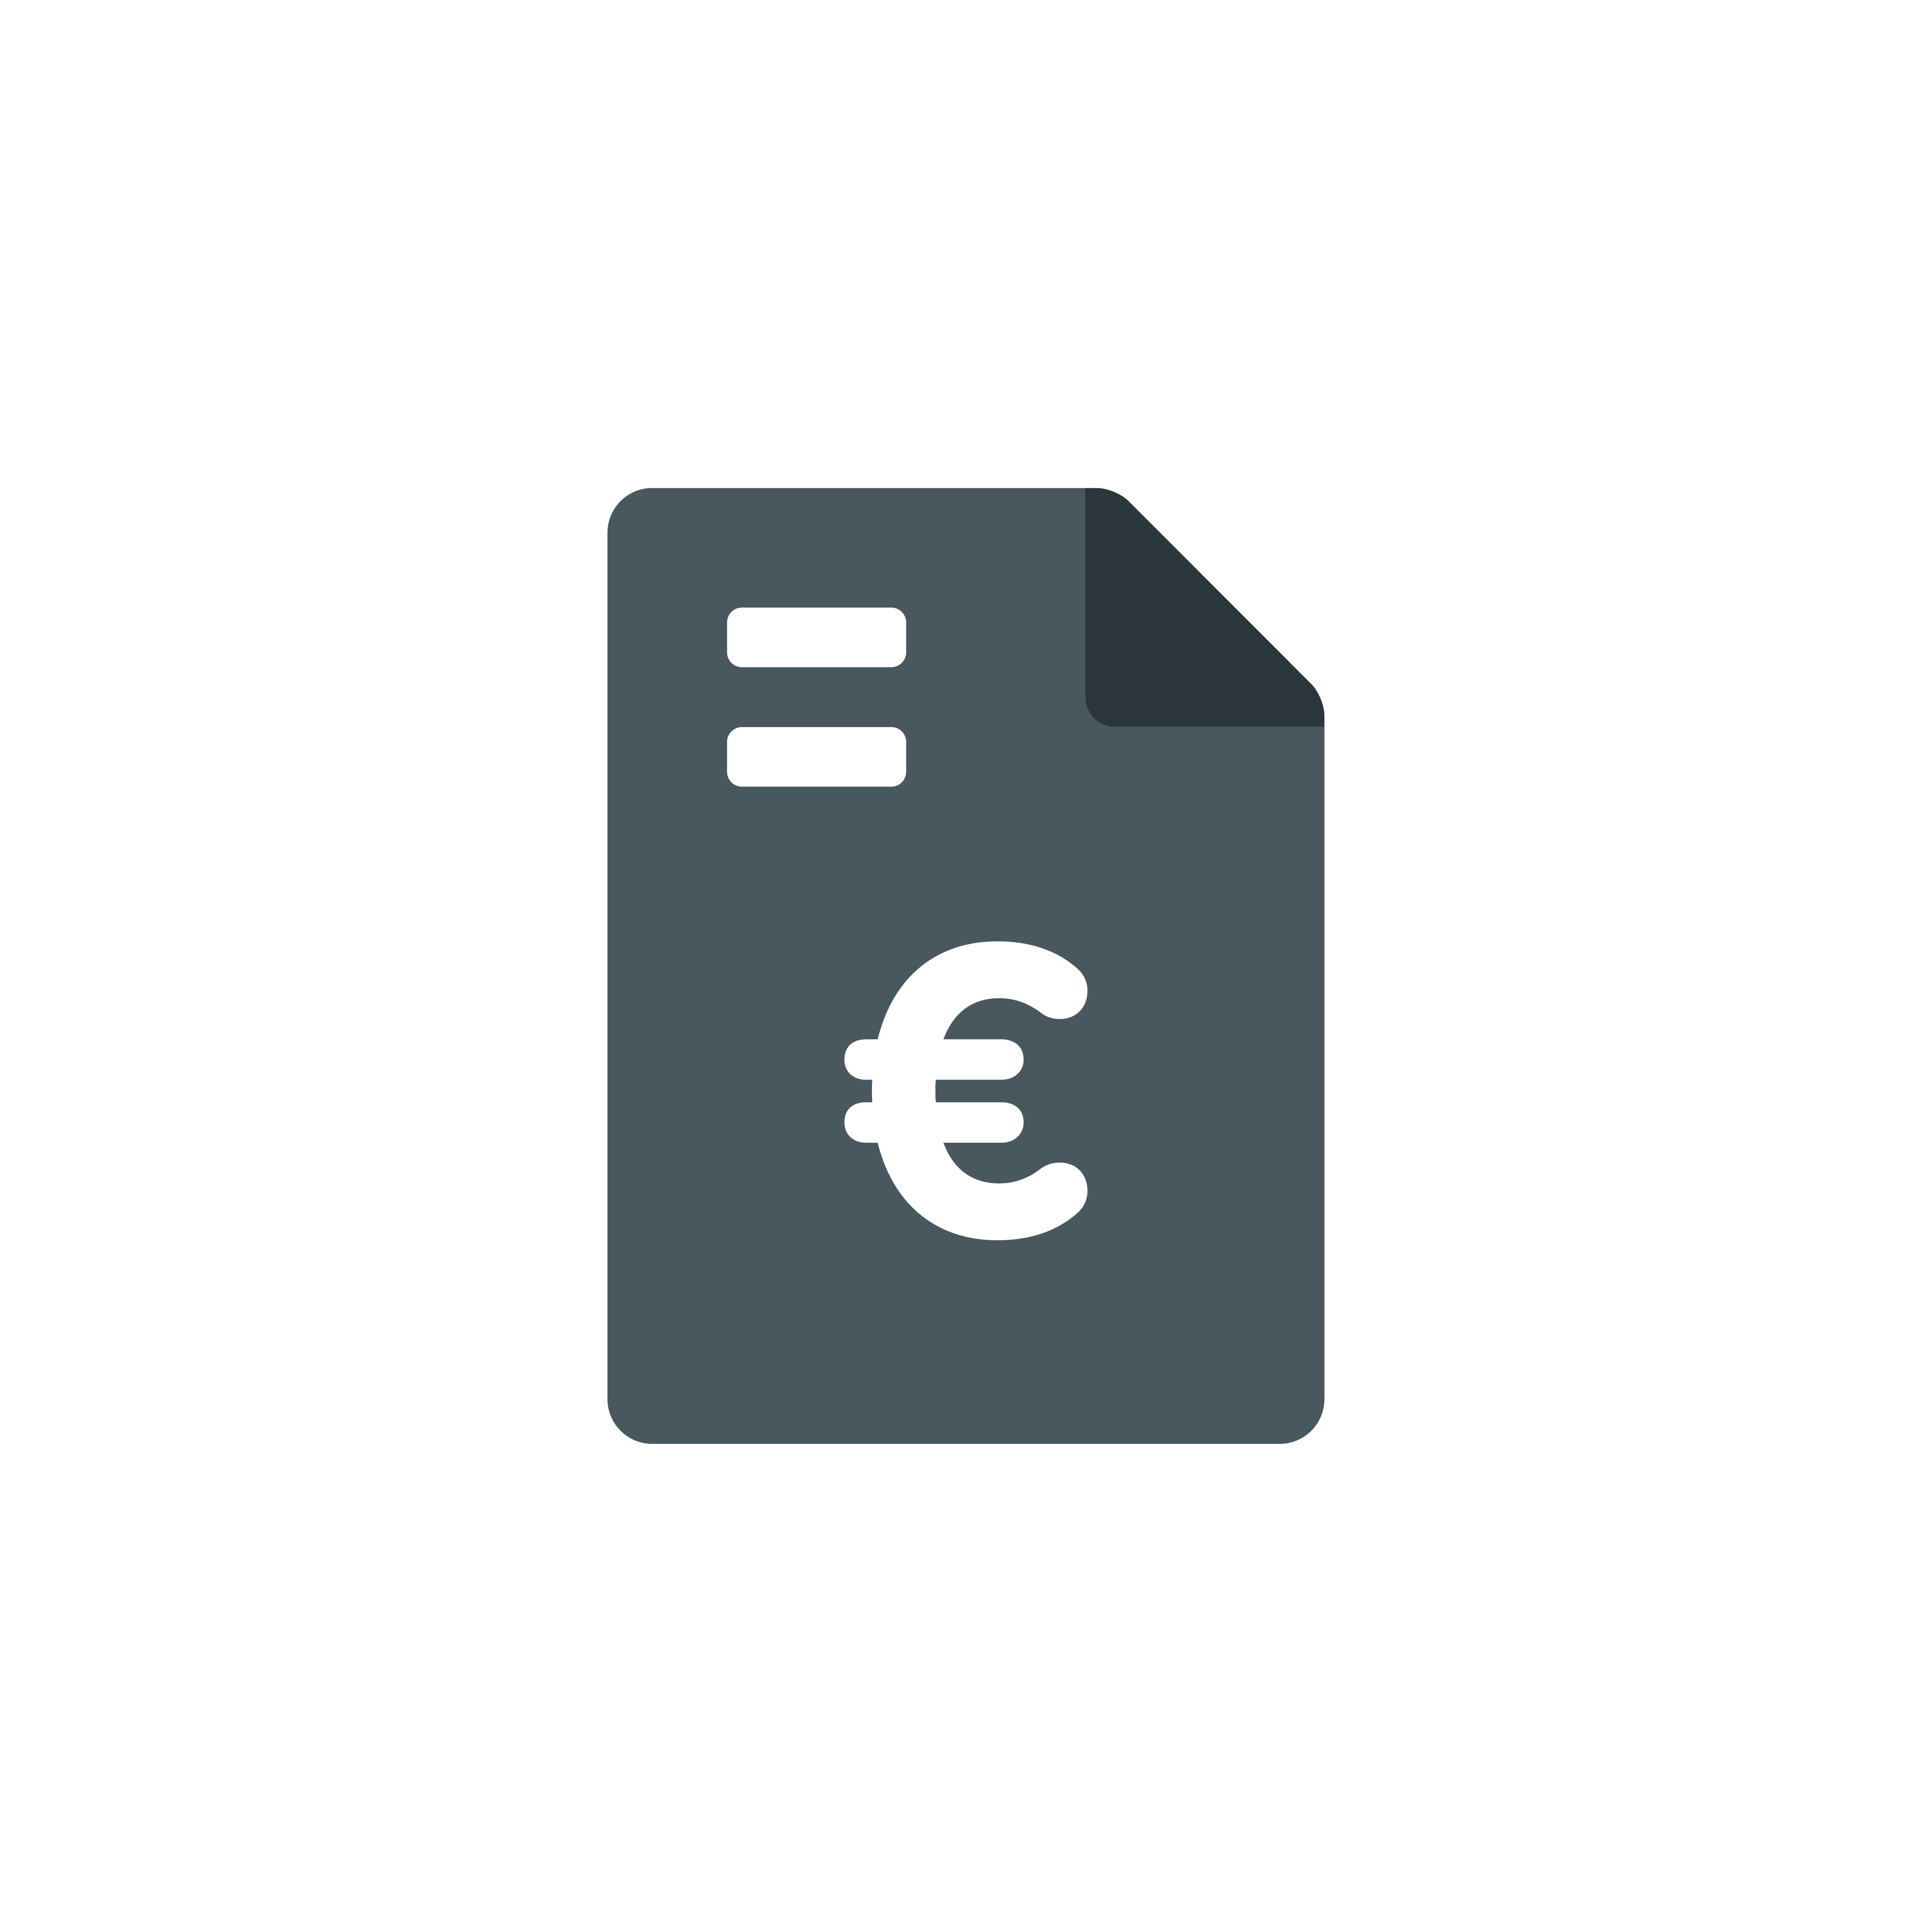 Rimborsi dei tributi ICI - IMU - TASI - TARI (Tassa Rifiuti) - TOSAP - Imposta Pubblicità